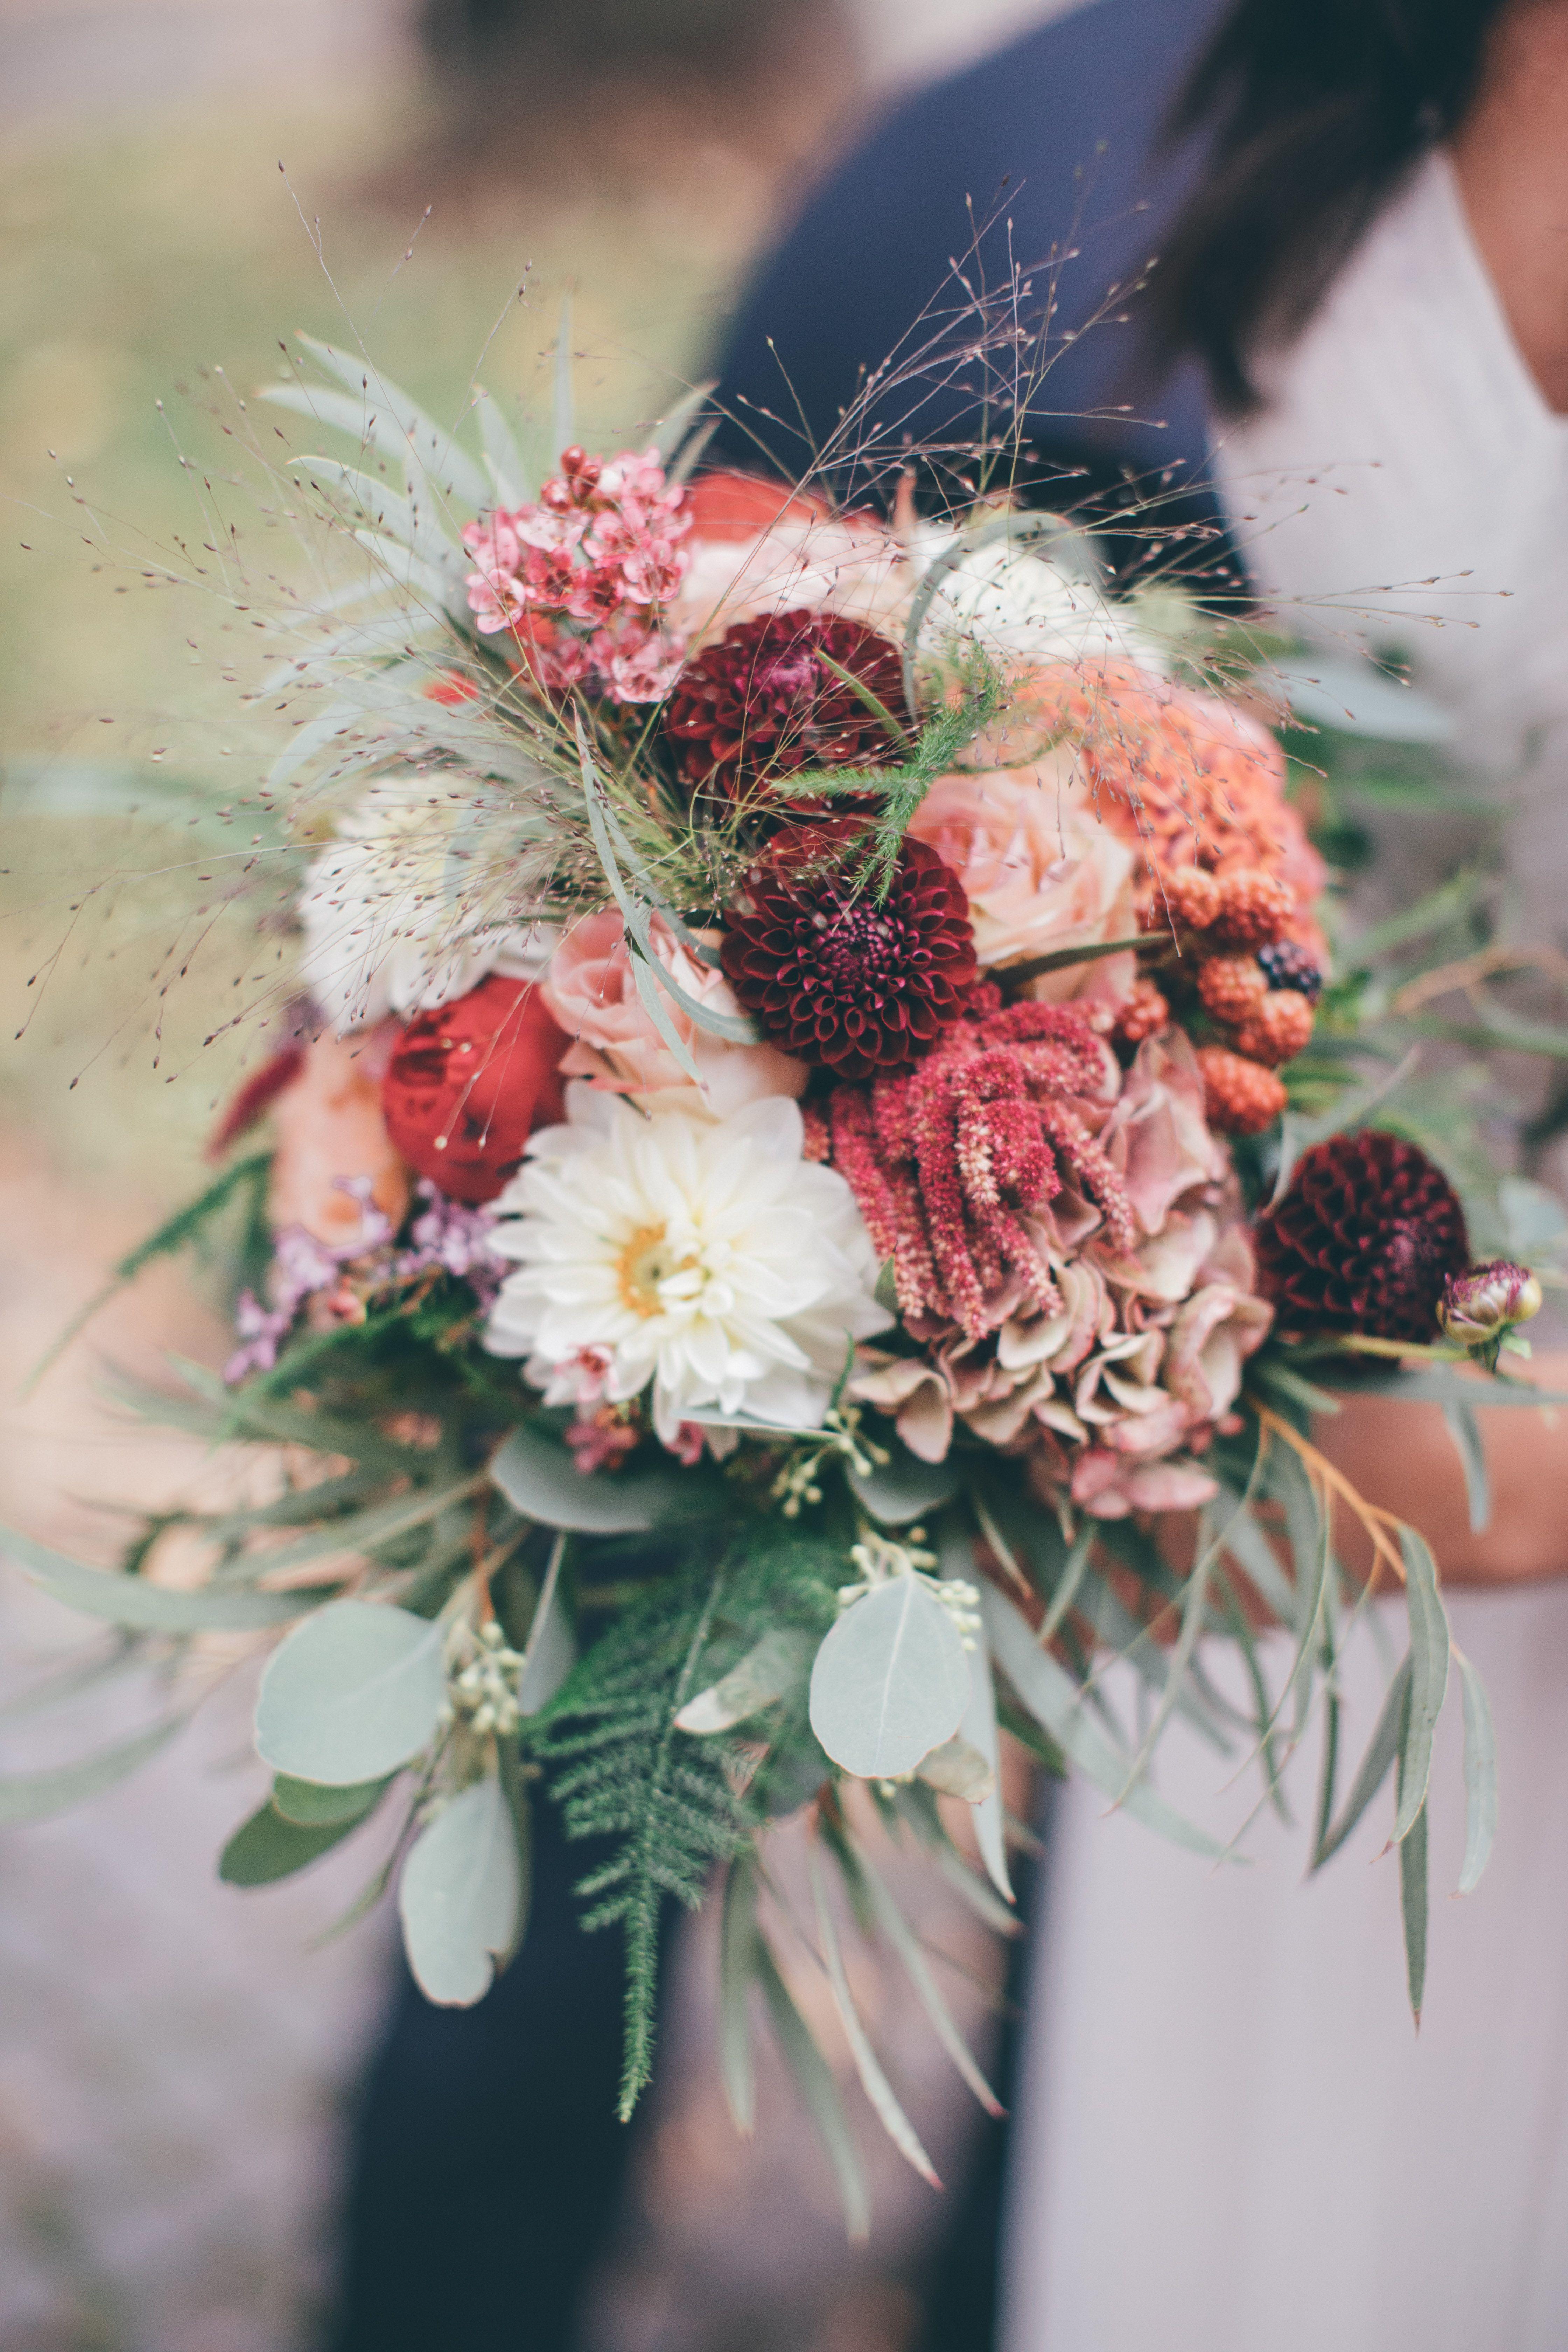 Wedding Bouquet August Blumen August Hochzeit Blumenstrauss Hochzeit Hochzeit Strauss